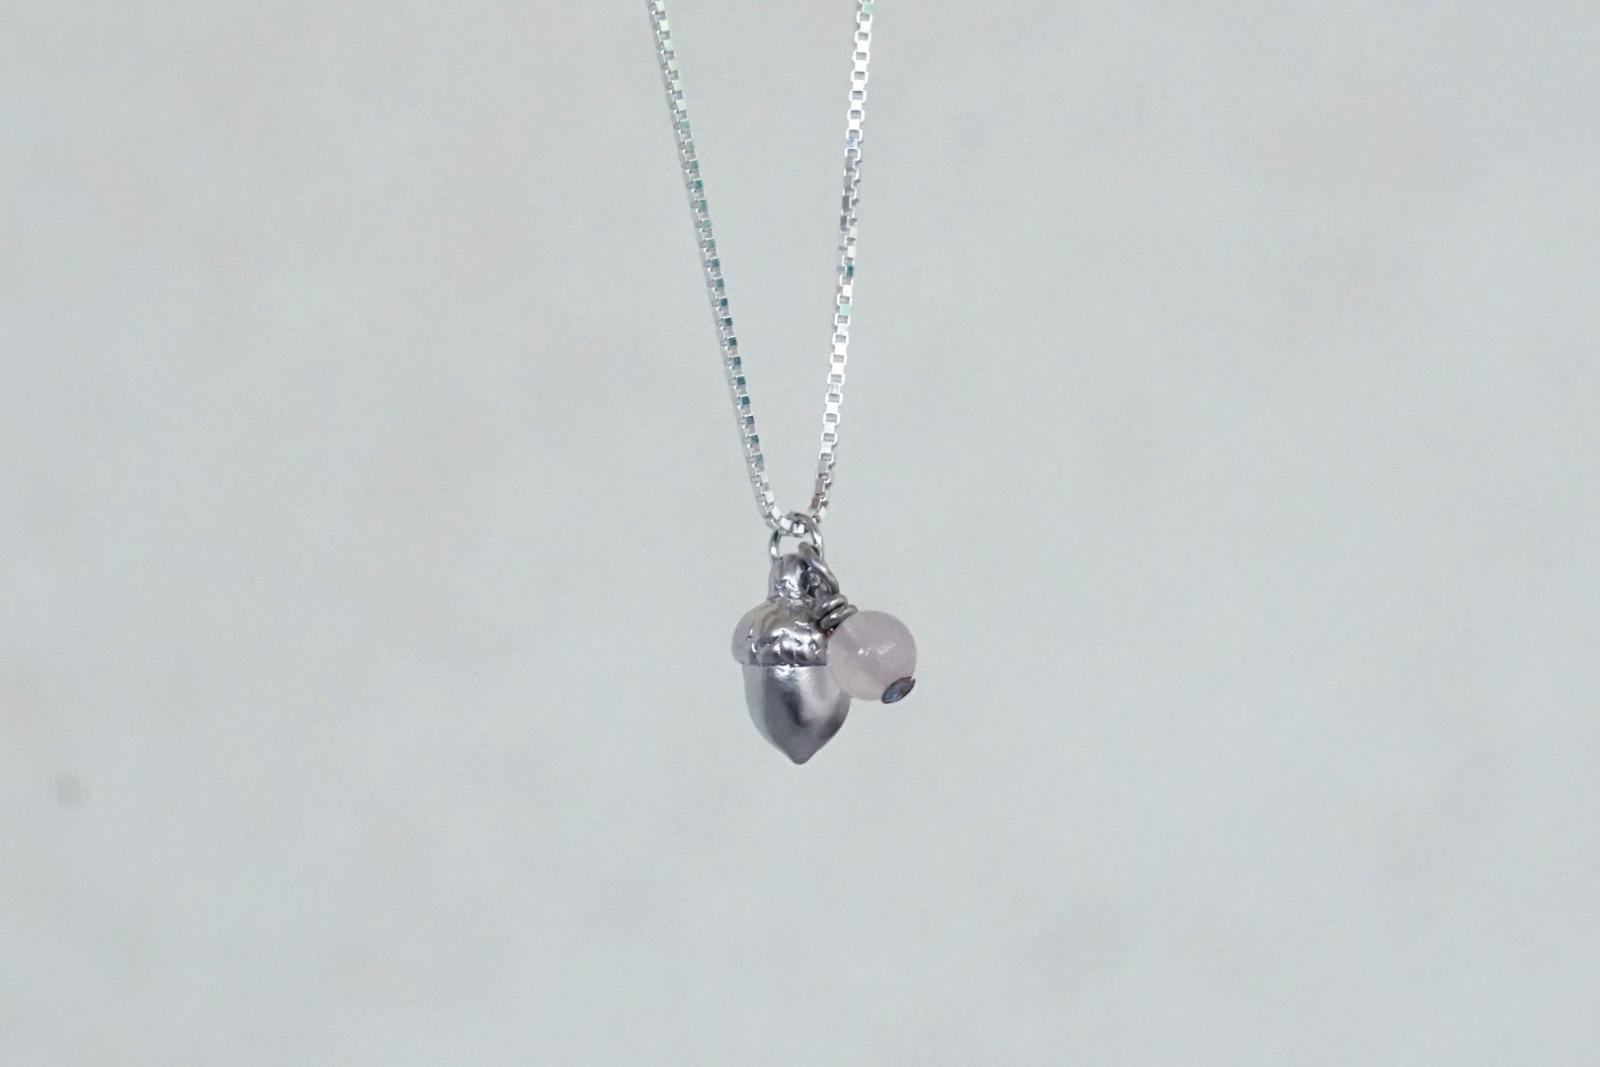 Feine Kette Sterling Silber mit Anhänger